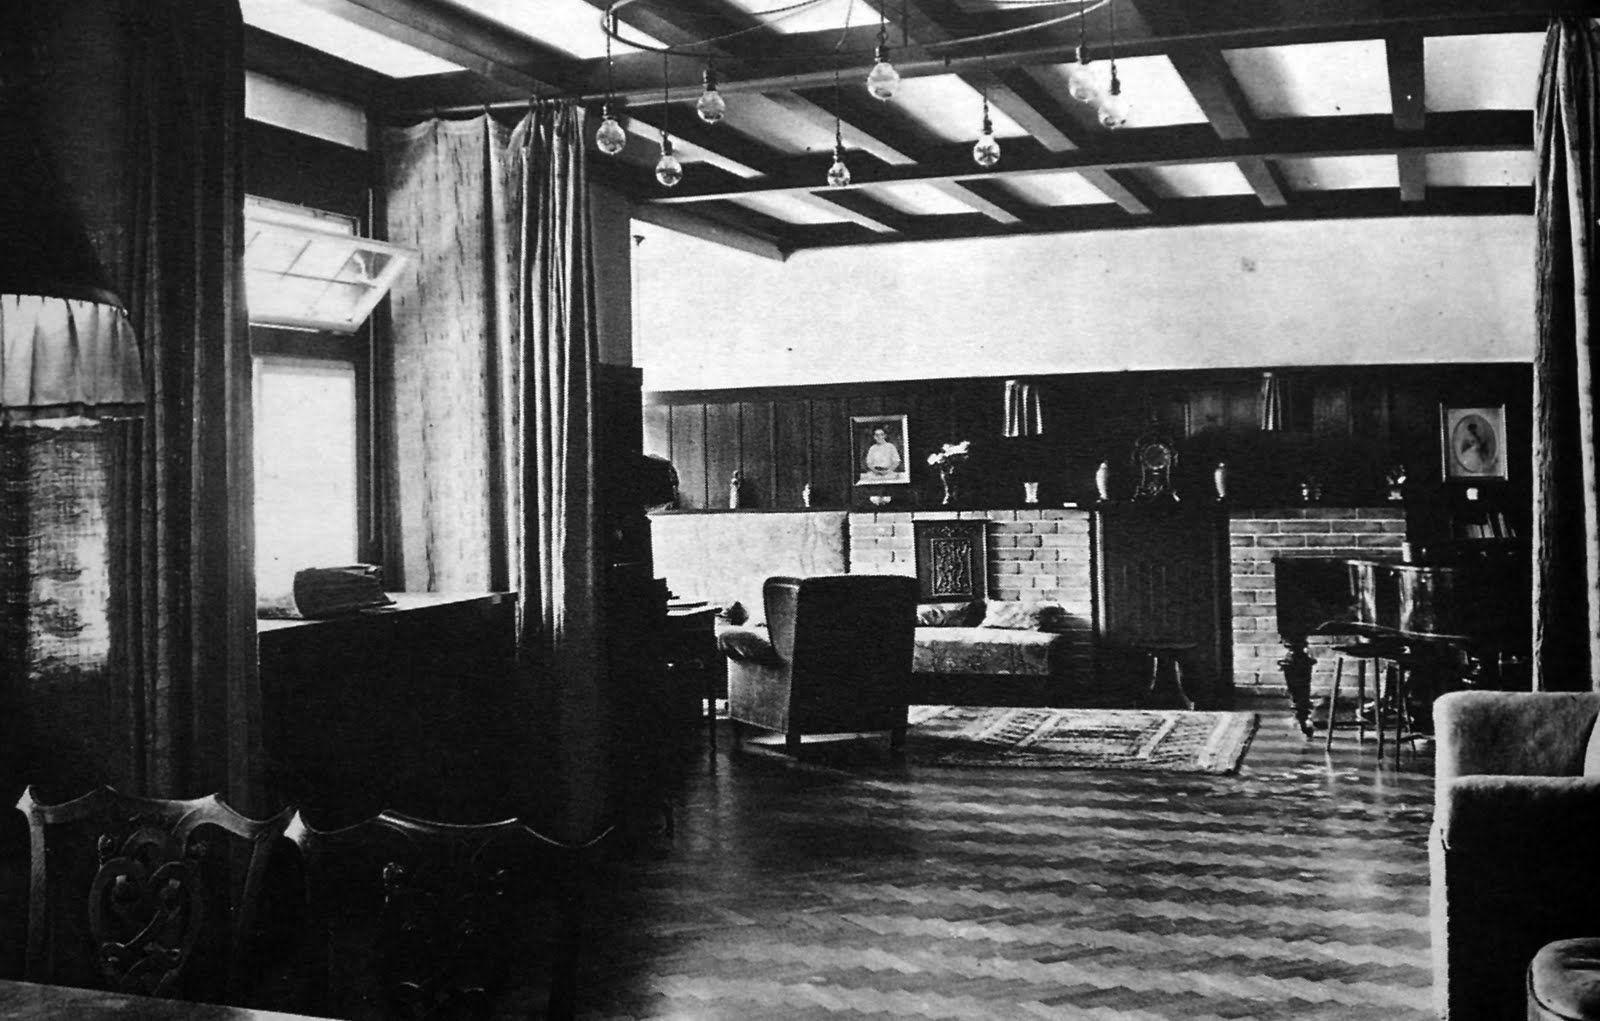 EDIFICIOS LHD 36. LA CASA STEINER, Adolf Loos, 1910